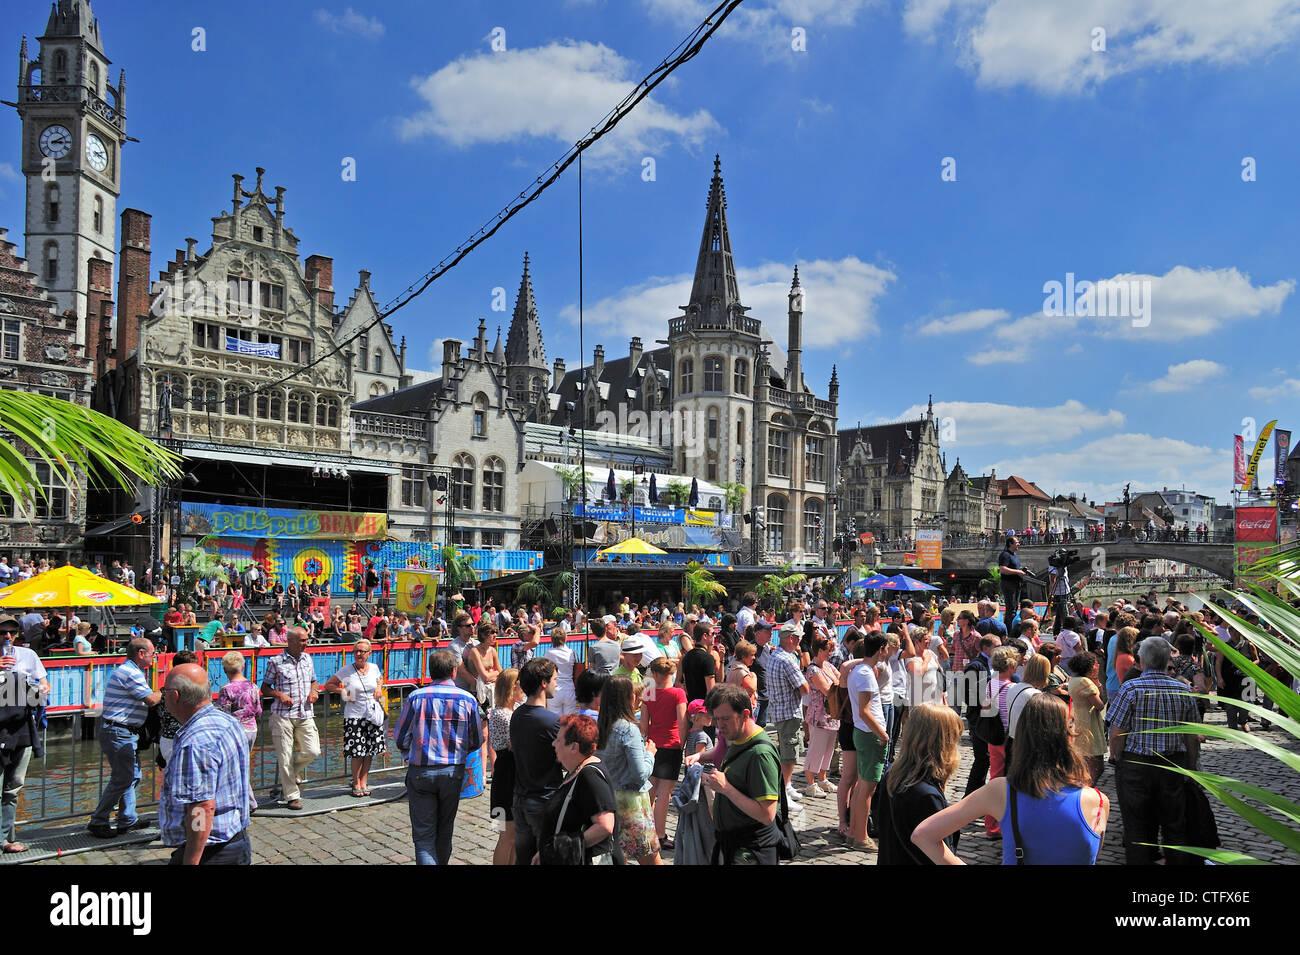 Animación de calle en el Korenlei durante el Gentse Feesten / fiestas en Gante, Bélgica verano Foto de stock